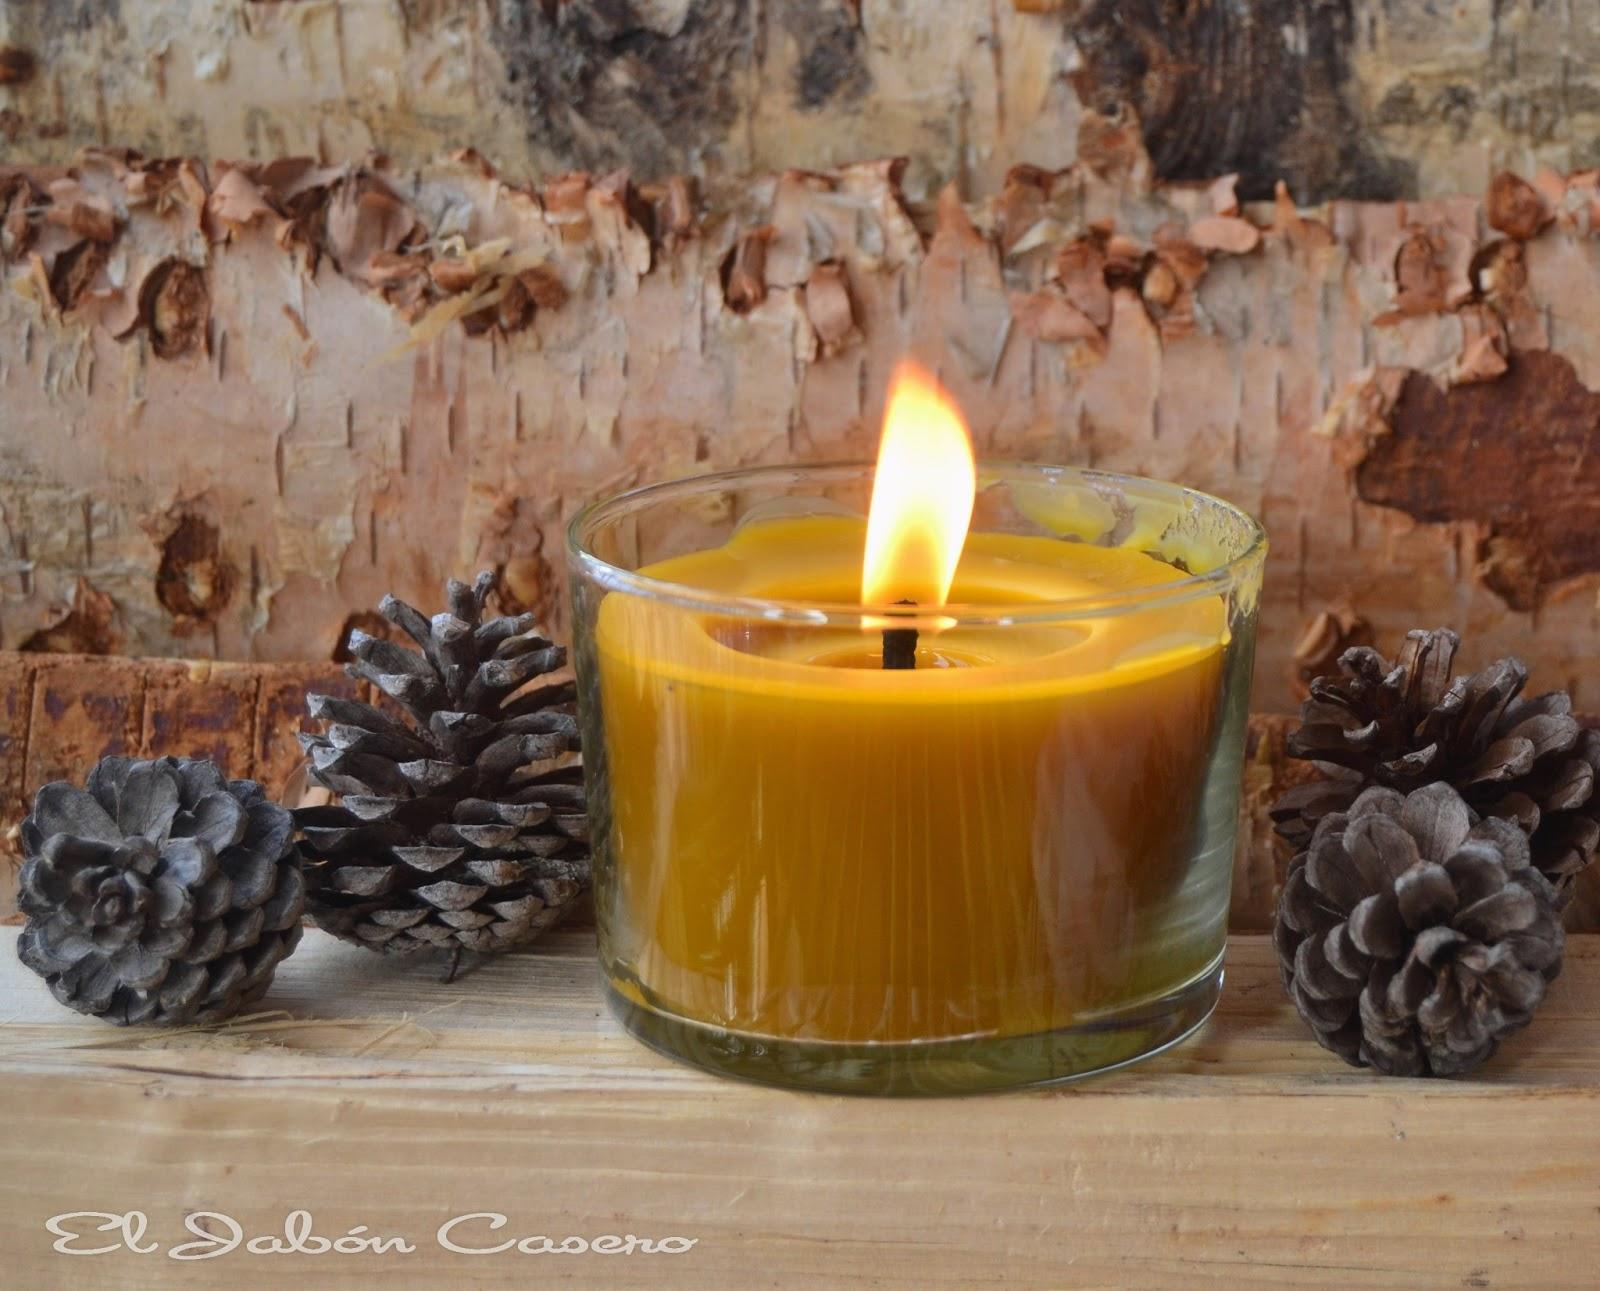 El jab n casero jabones y velas de miel regalos en navidad y dia de reyes - Velas de miel ...